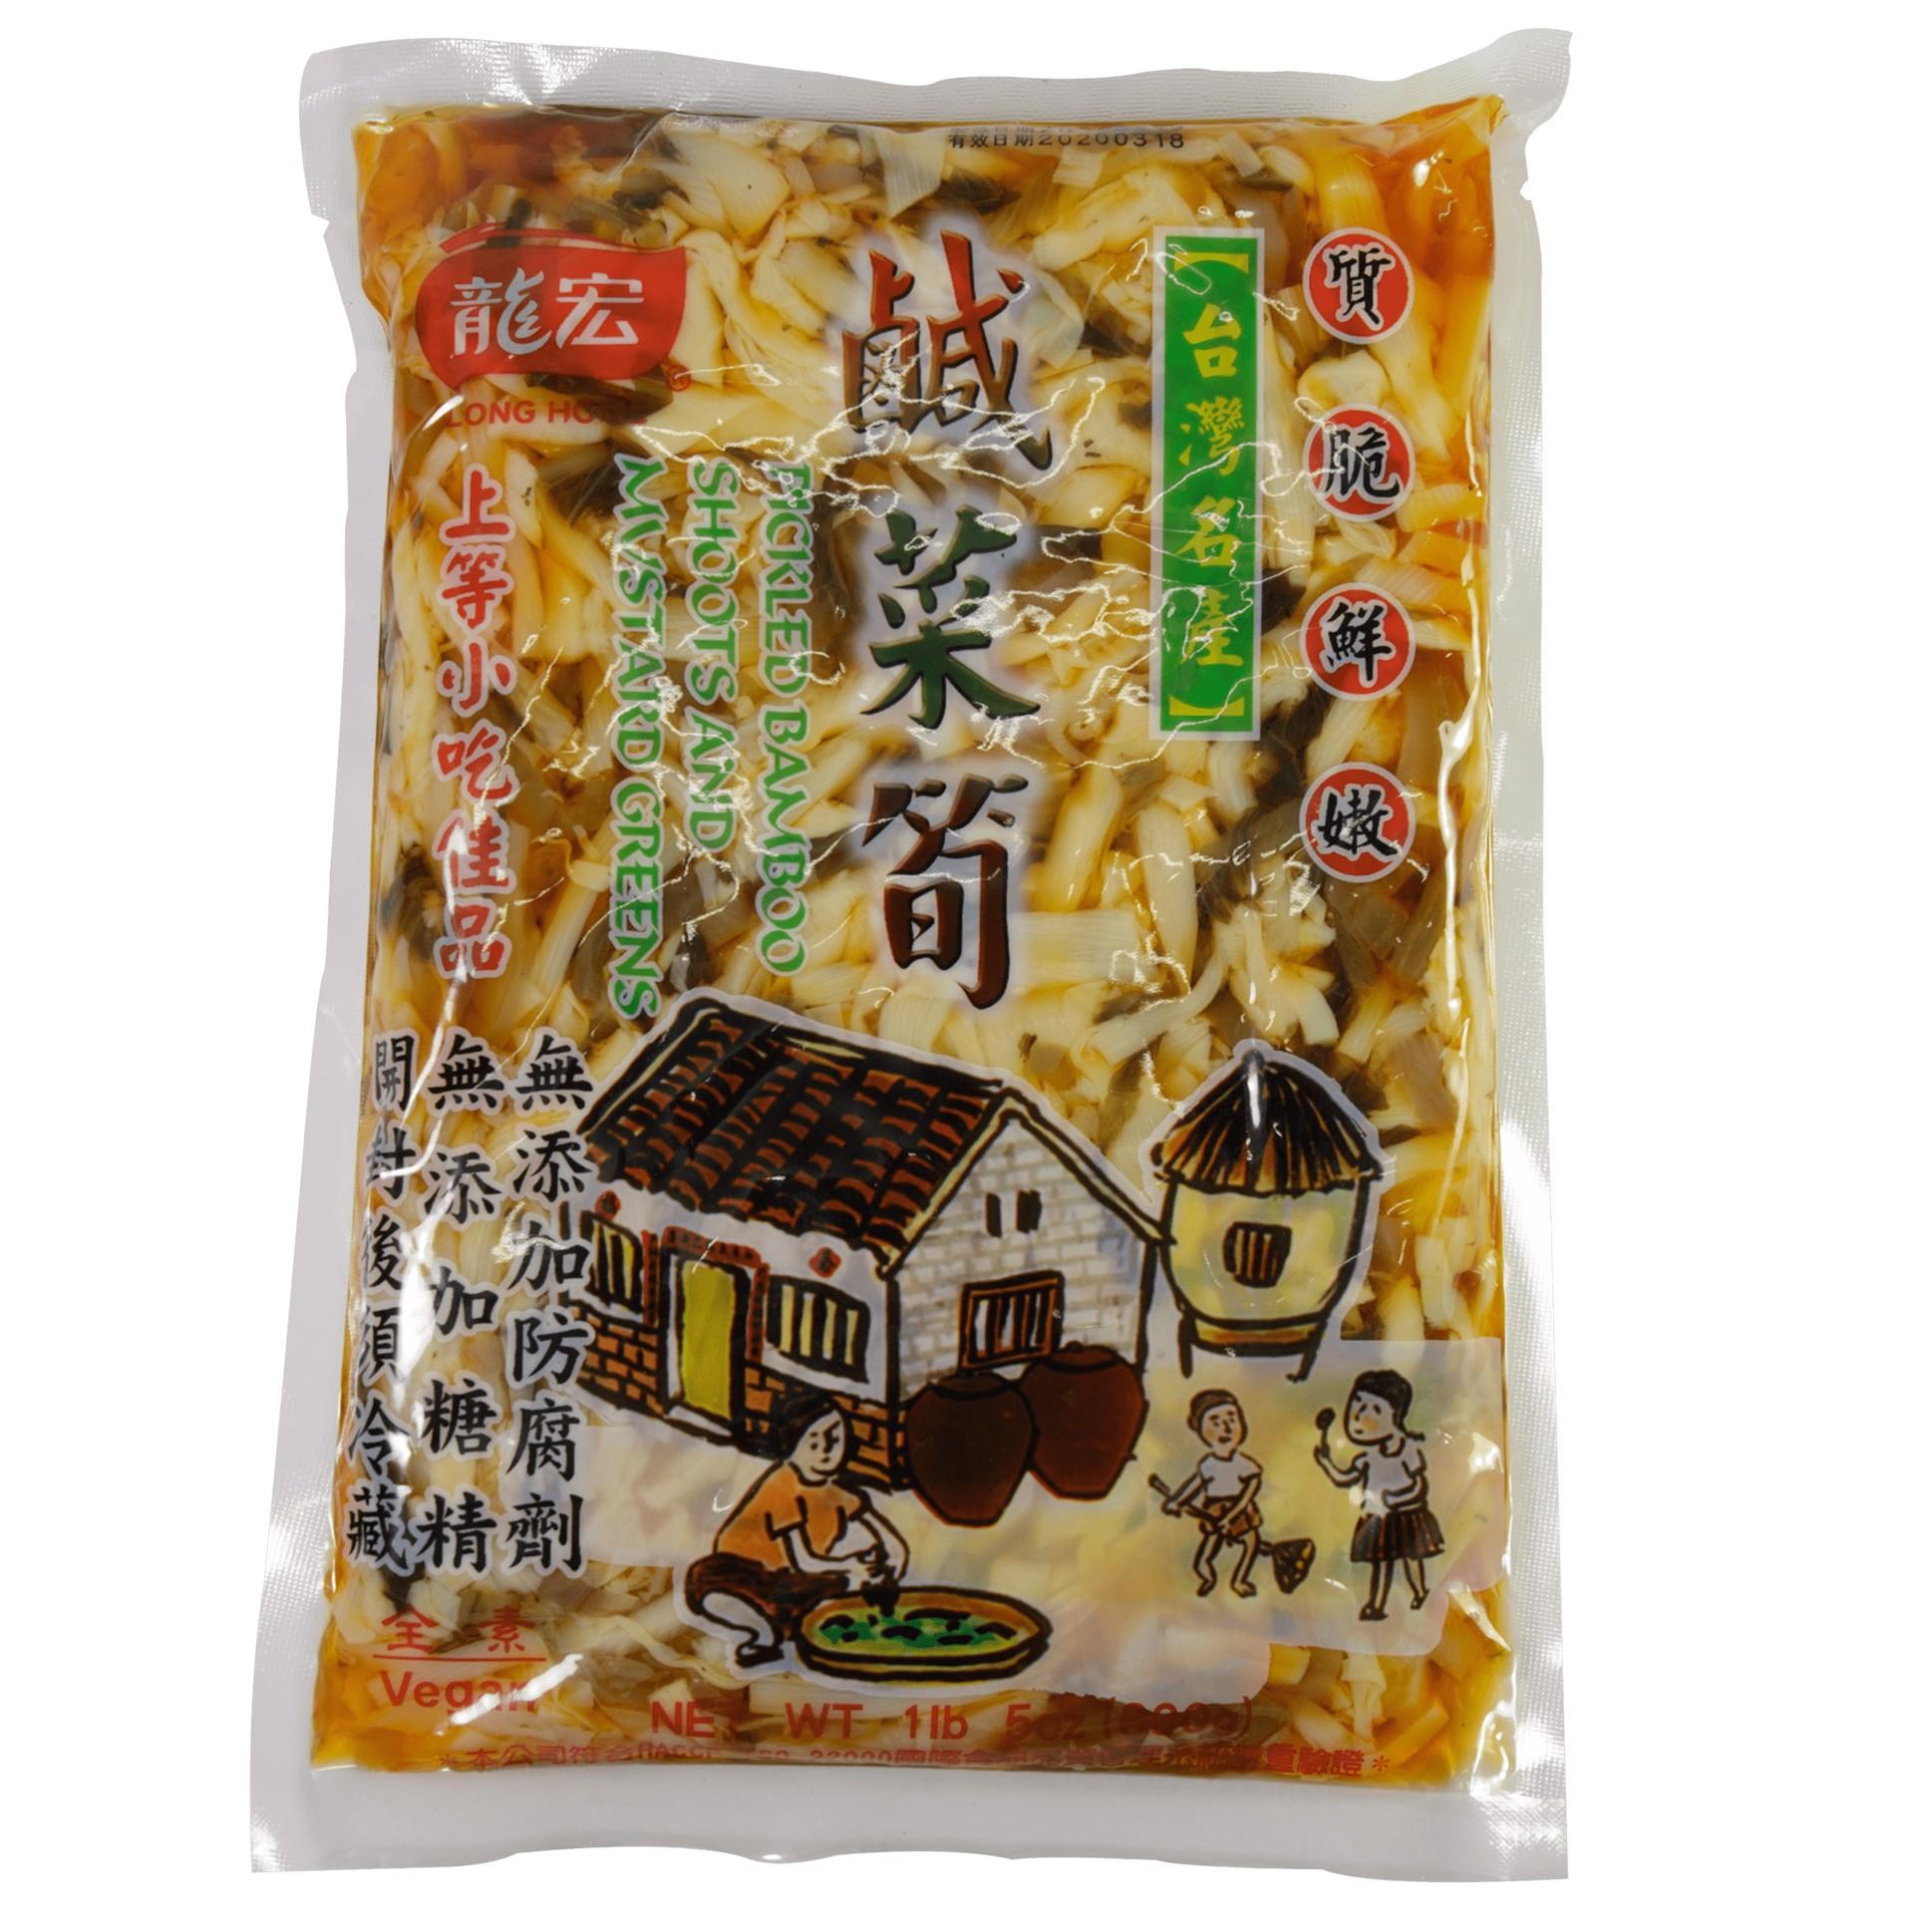 鹹菜筍 600g [真空包]